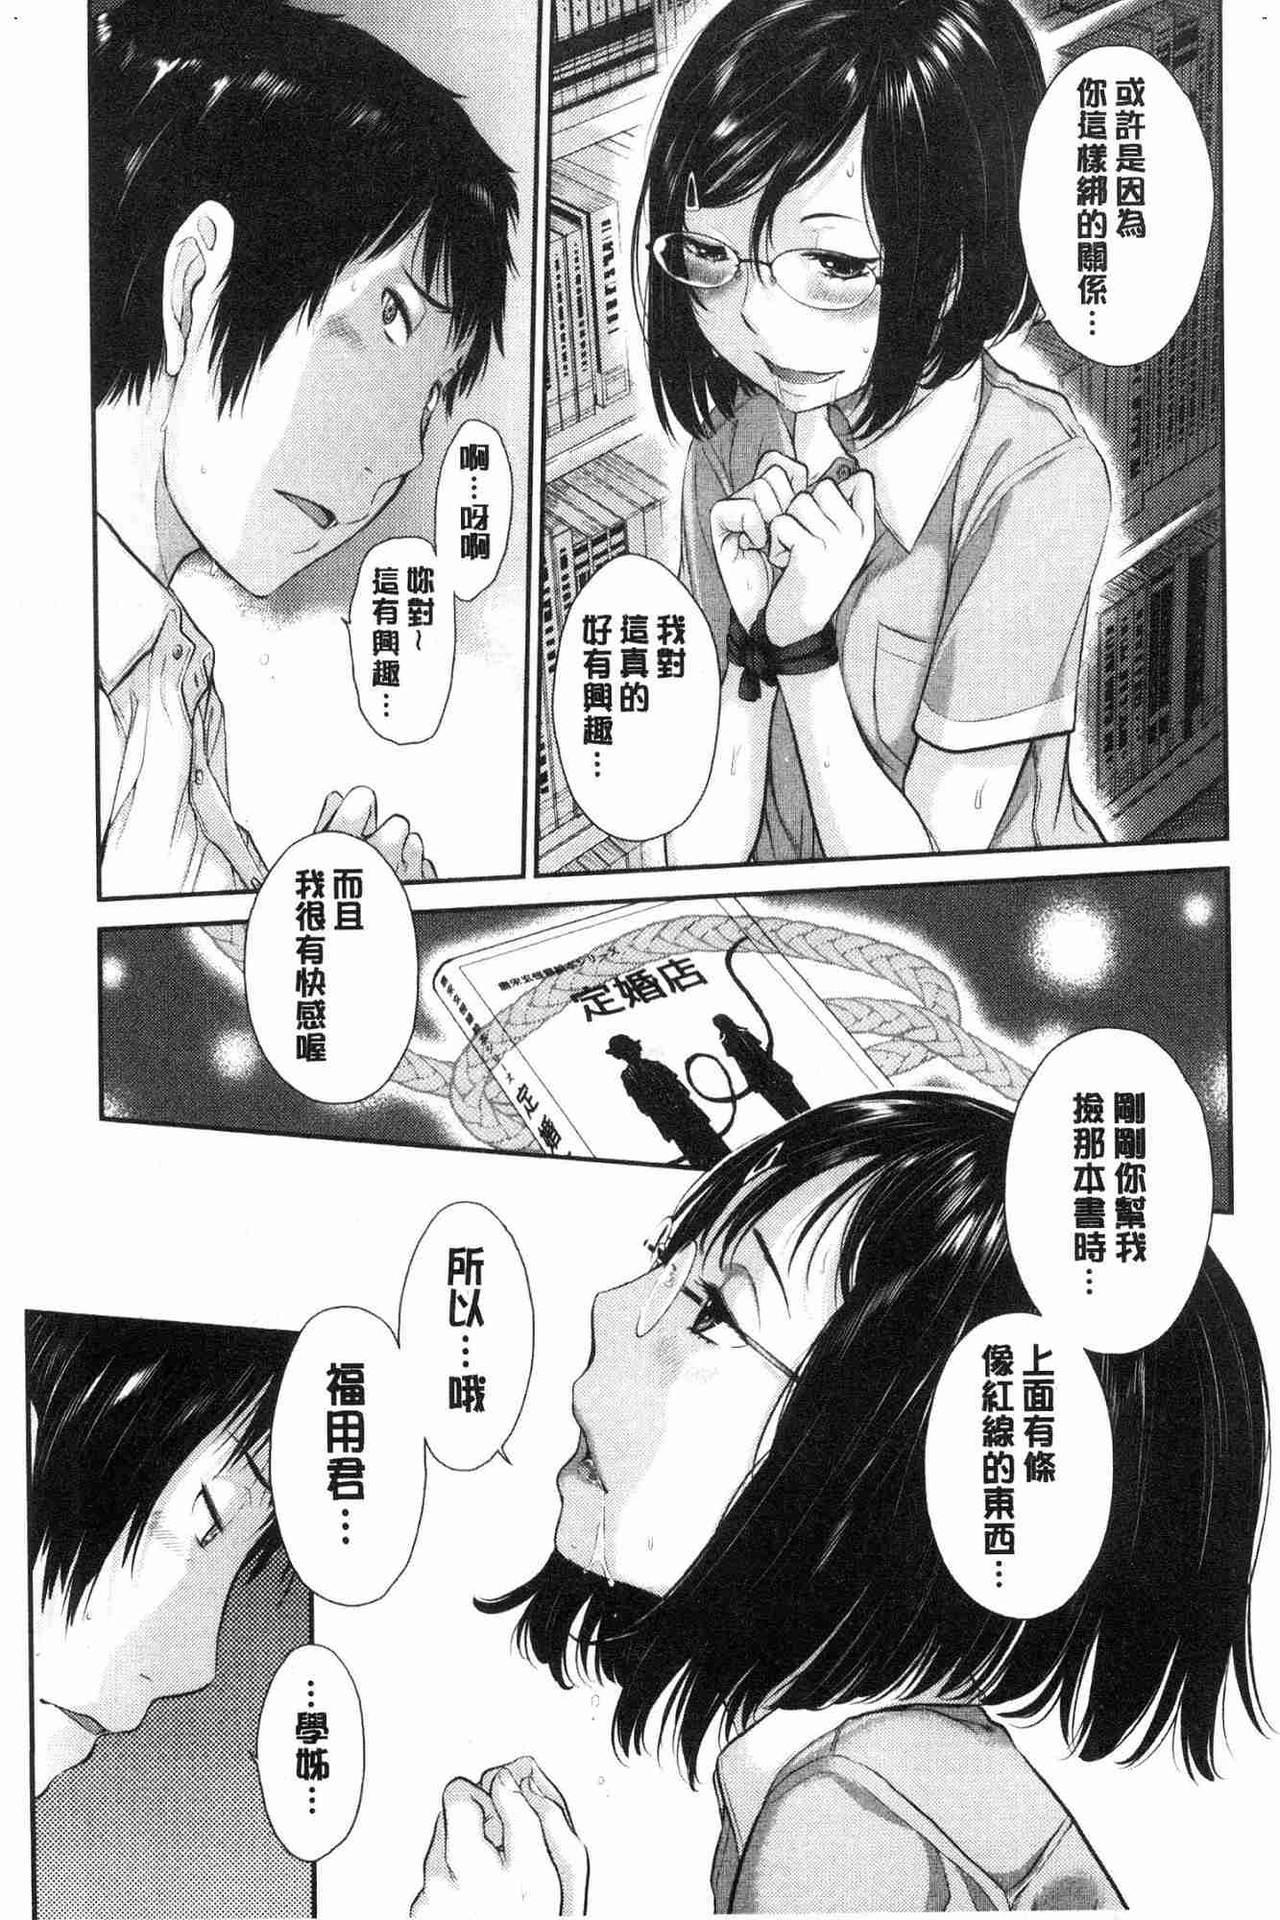 [Harazaki Takuma] Seifuku Shijou Shugi -Natsu- - Uniforms supremacy [Chinese] 43